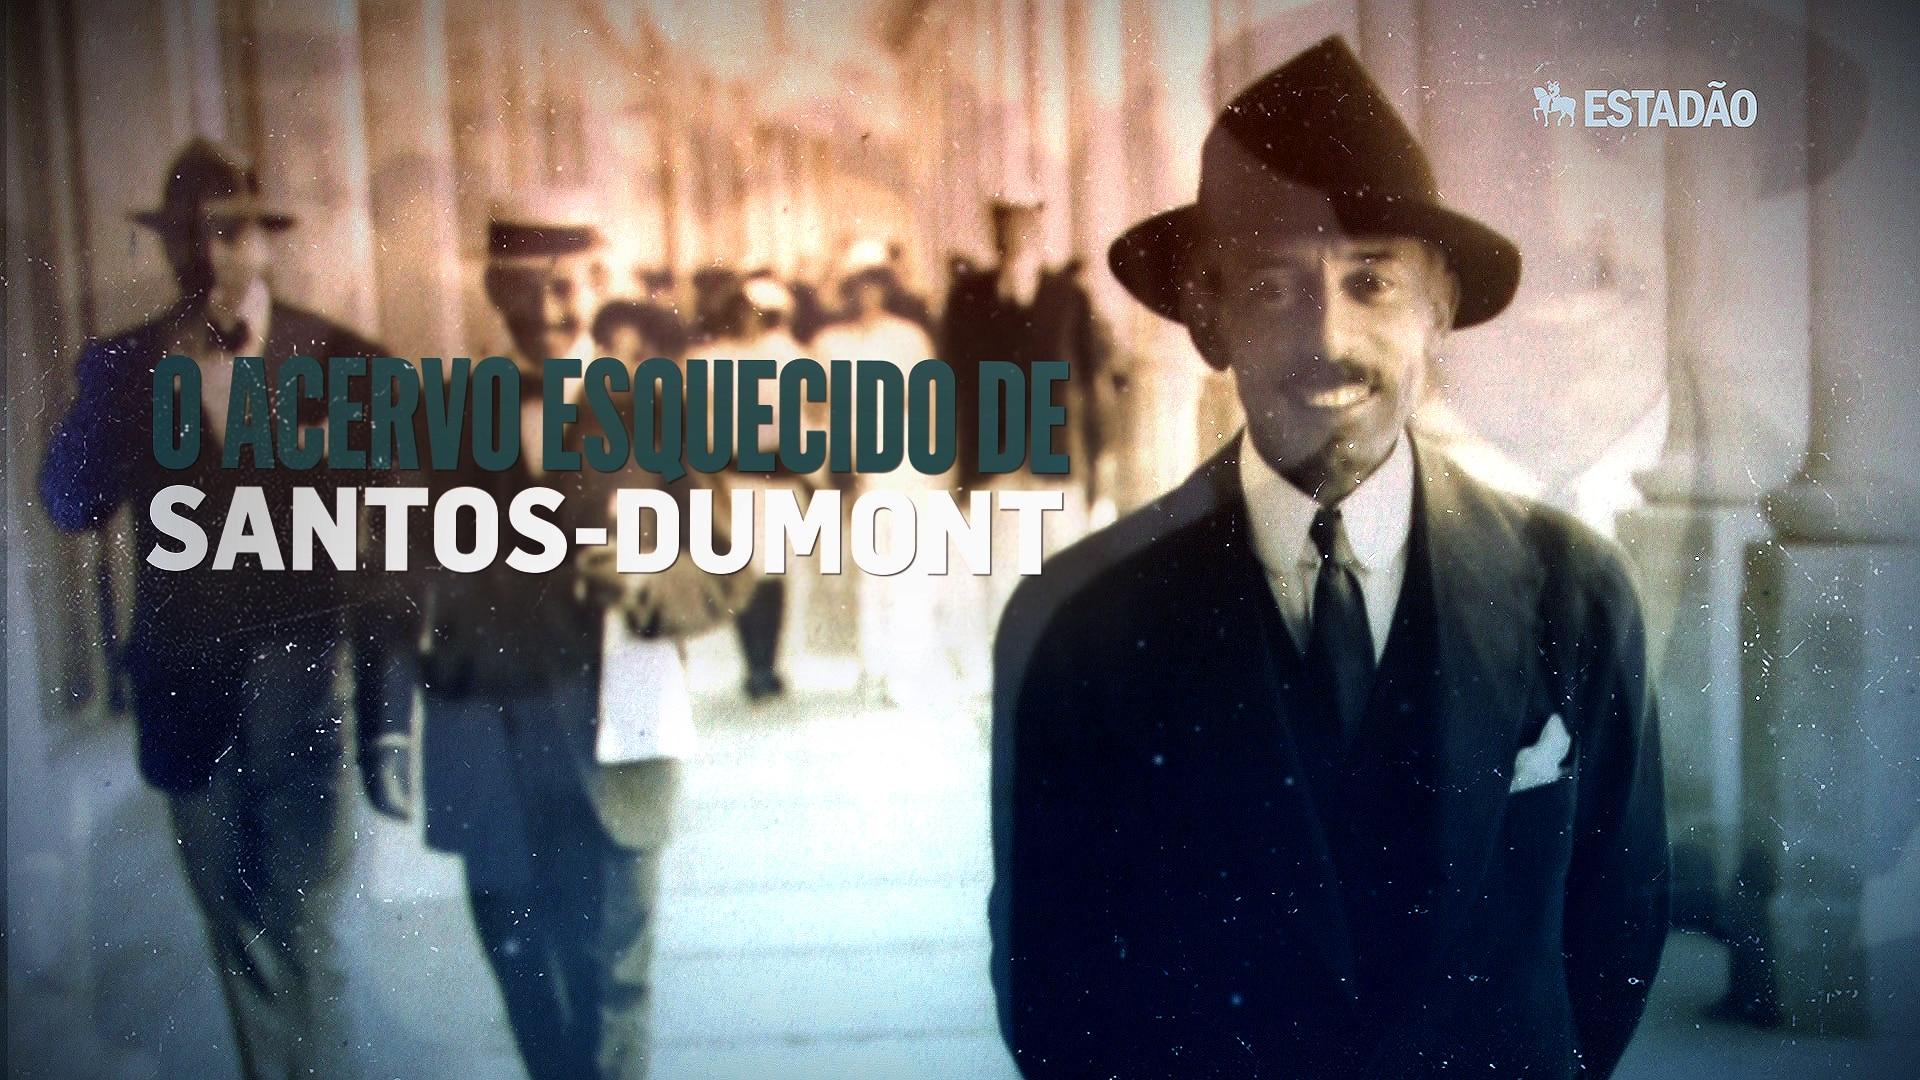 O acervo esquecido de Santos-Dumont